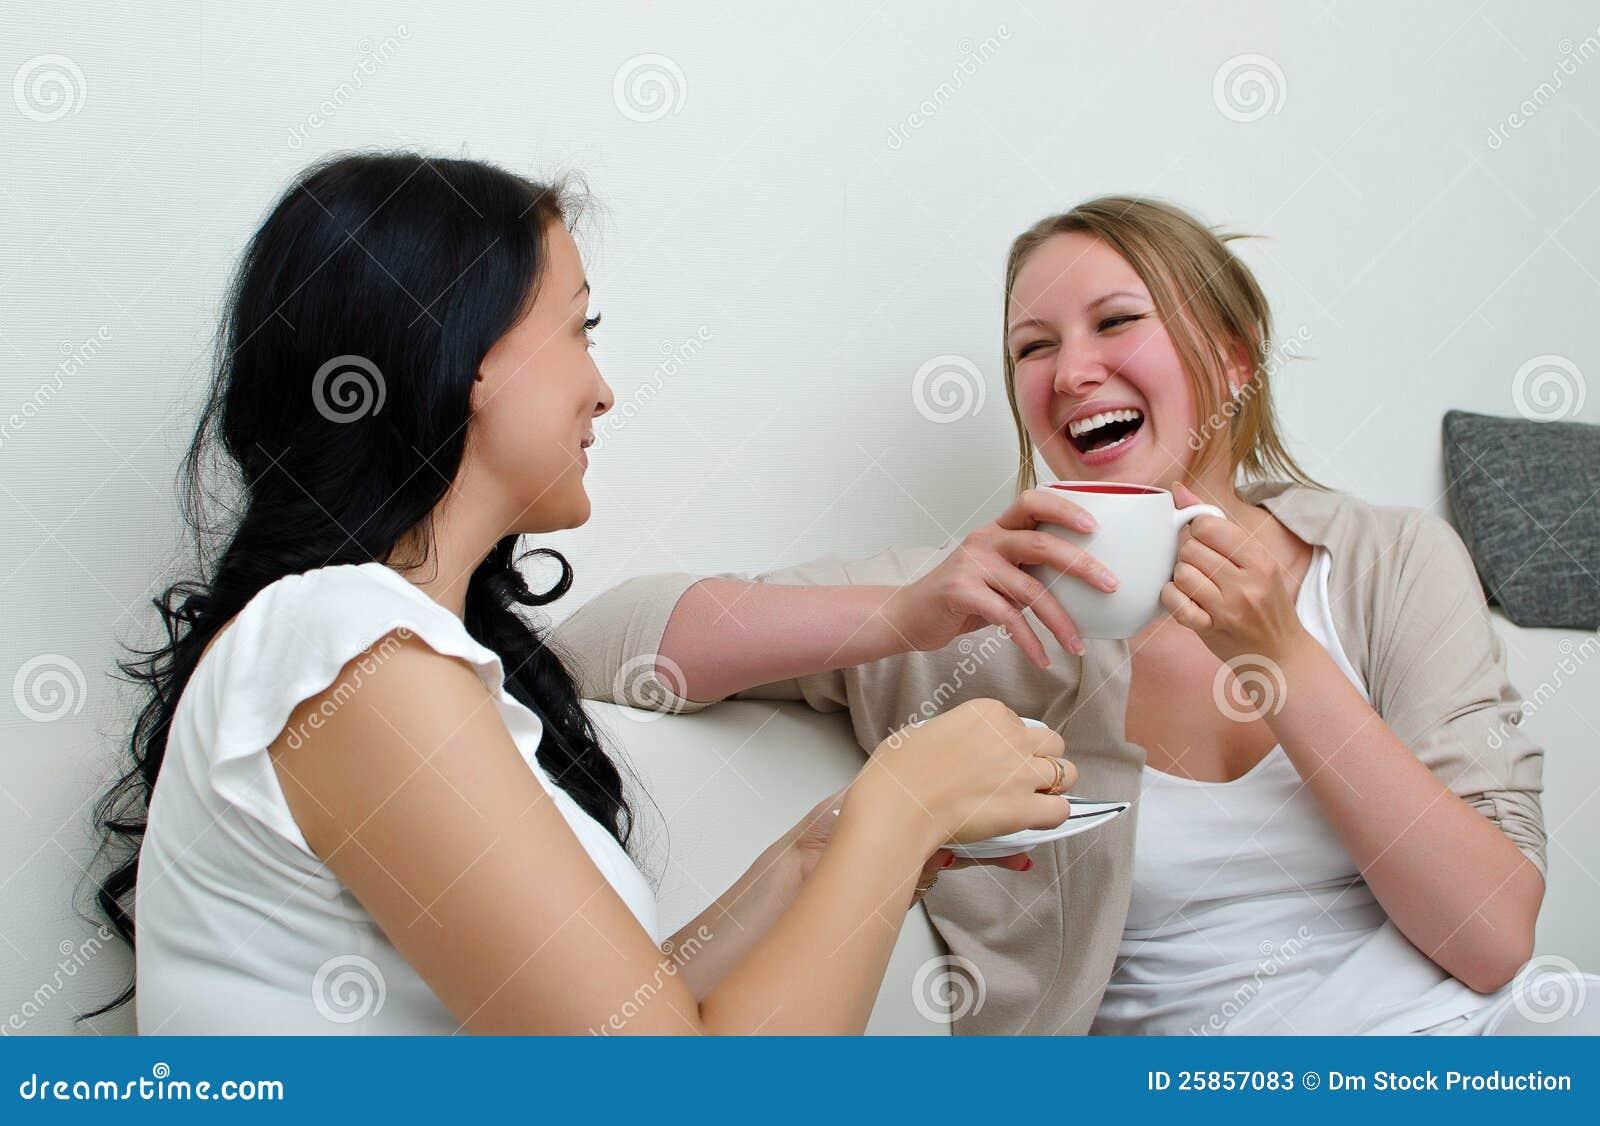 Склонила свою подругу, Сучка склонила девушку к клиторальным лизаниям 19 фотография